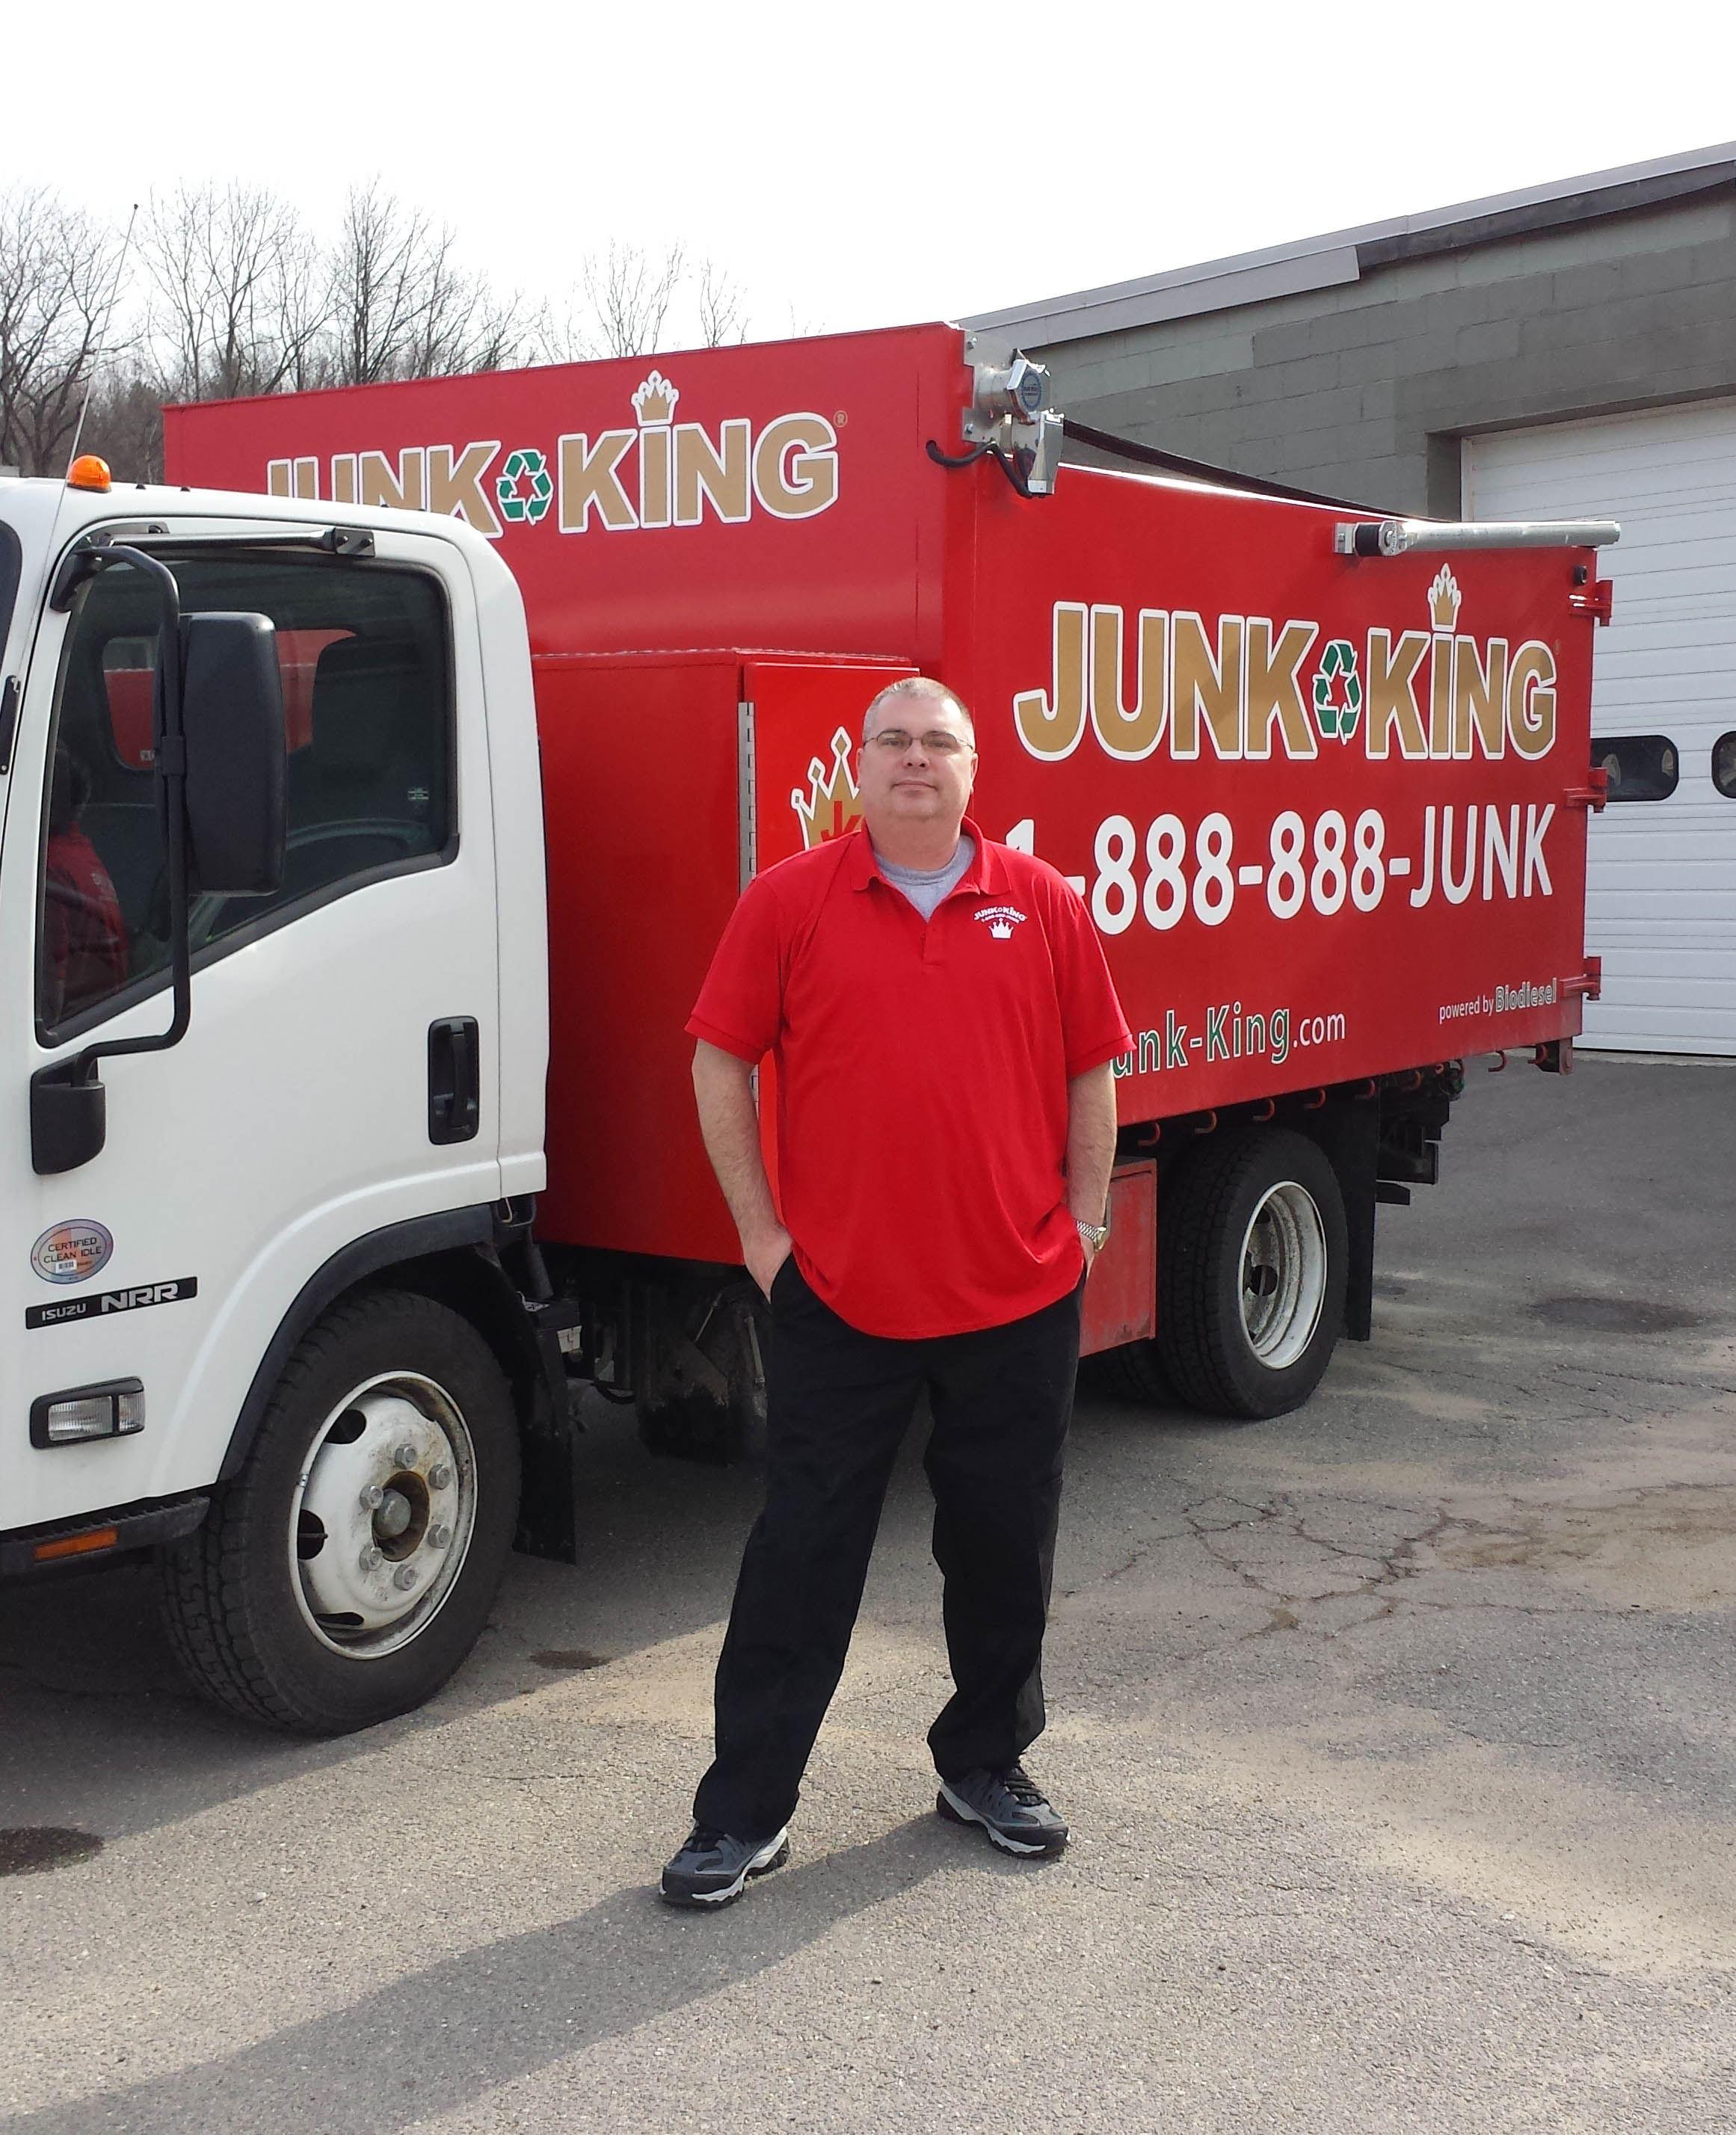 Junk King Franchise Owner,  Tom Indge.